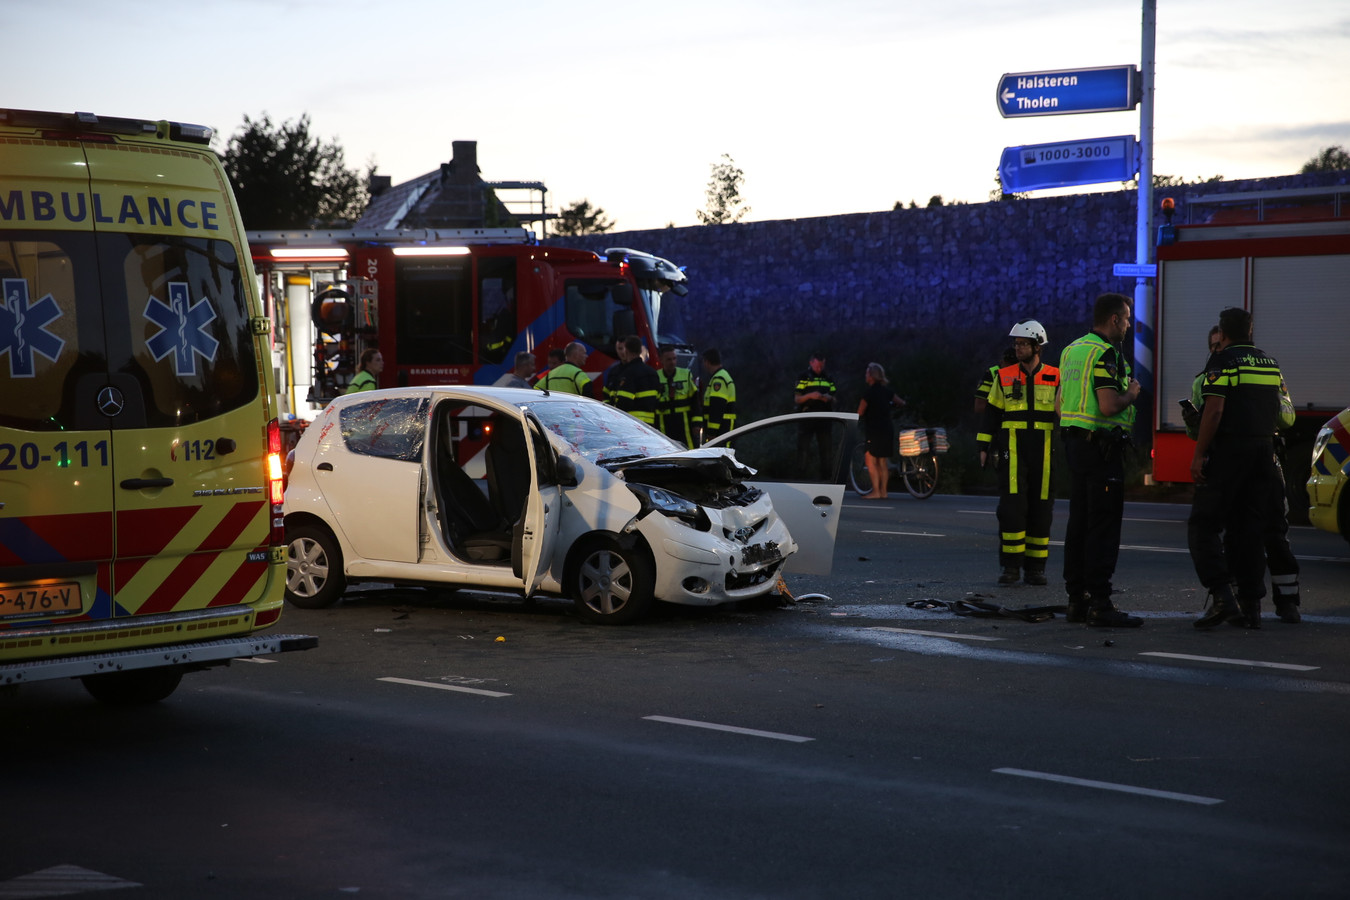 Bij het ongeval vielen meerdere gewonden.